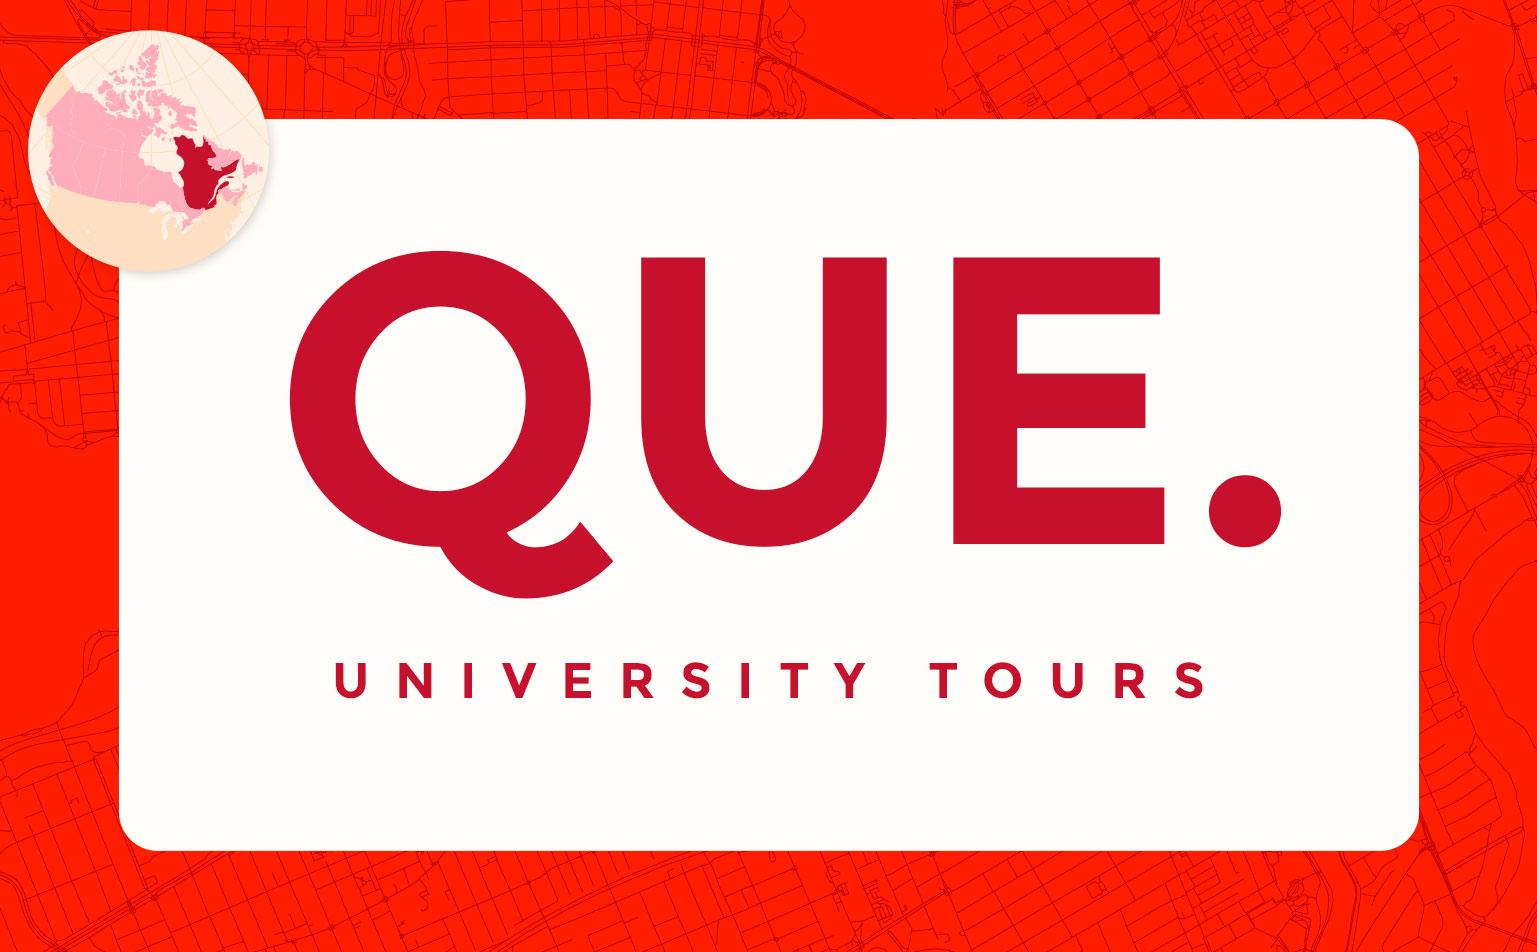 virtual campus university tours in Quebec